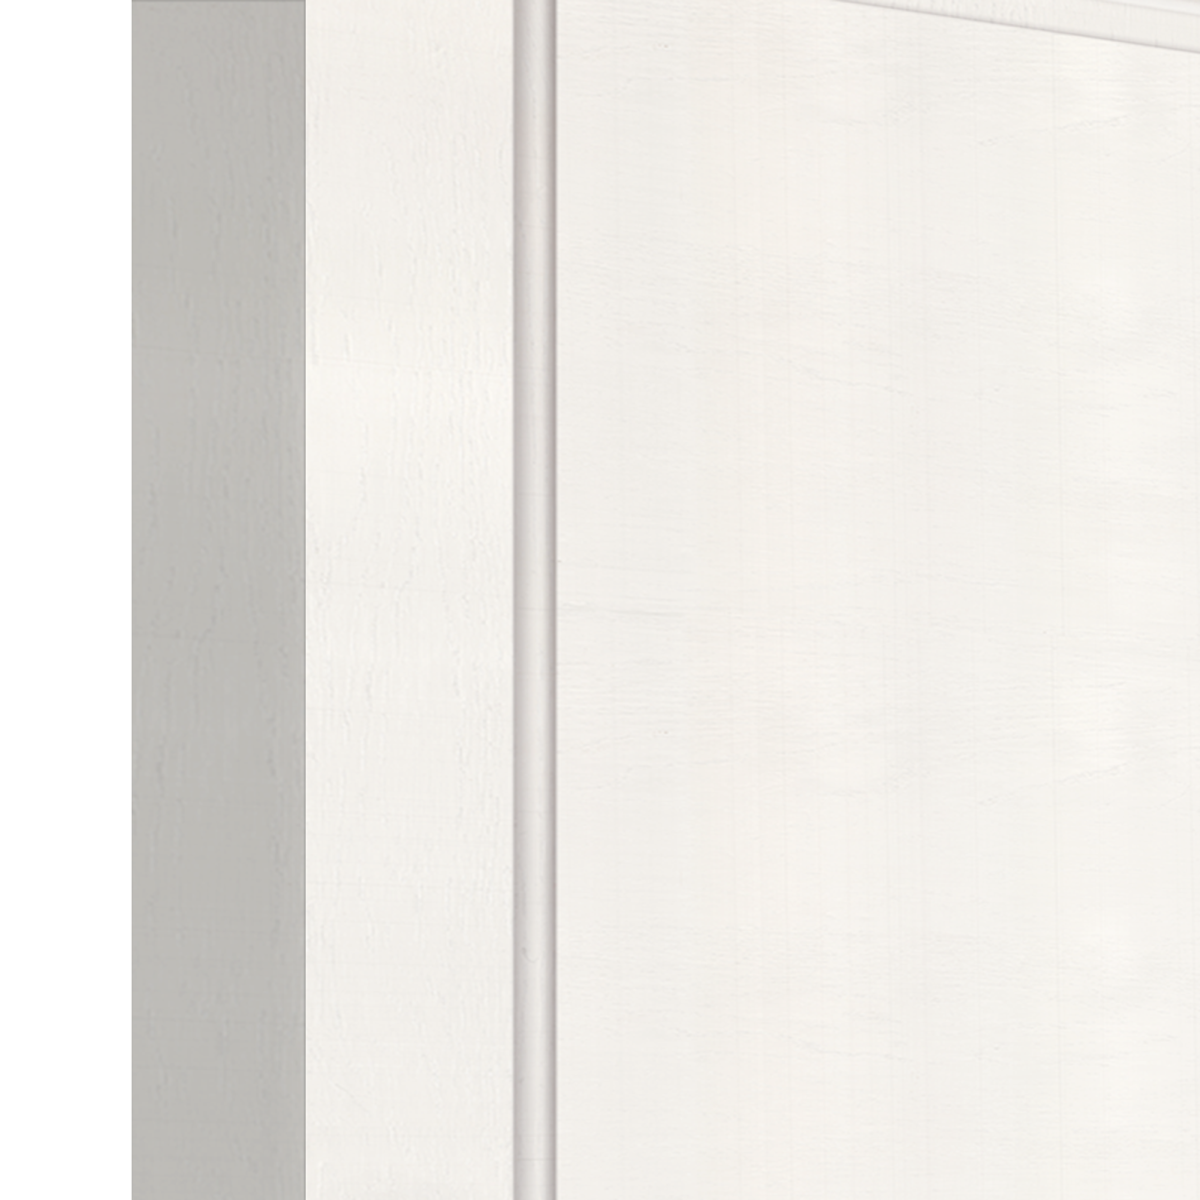 Дверь Межкомнатная Глухая «Летиция» 70x200 Пвх Цвет Дуб Пломбир С Фурнитурой